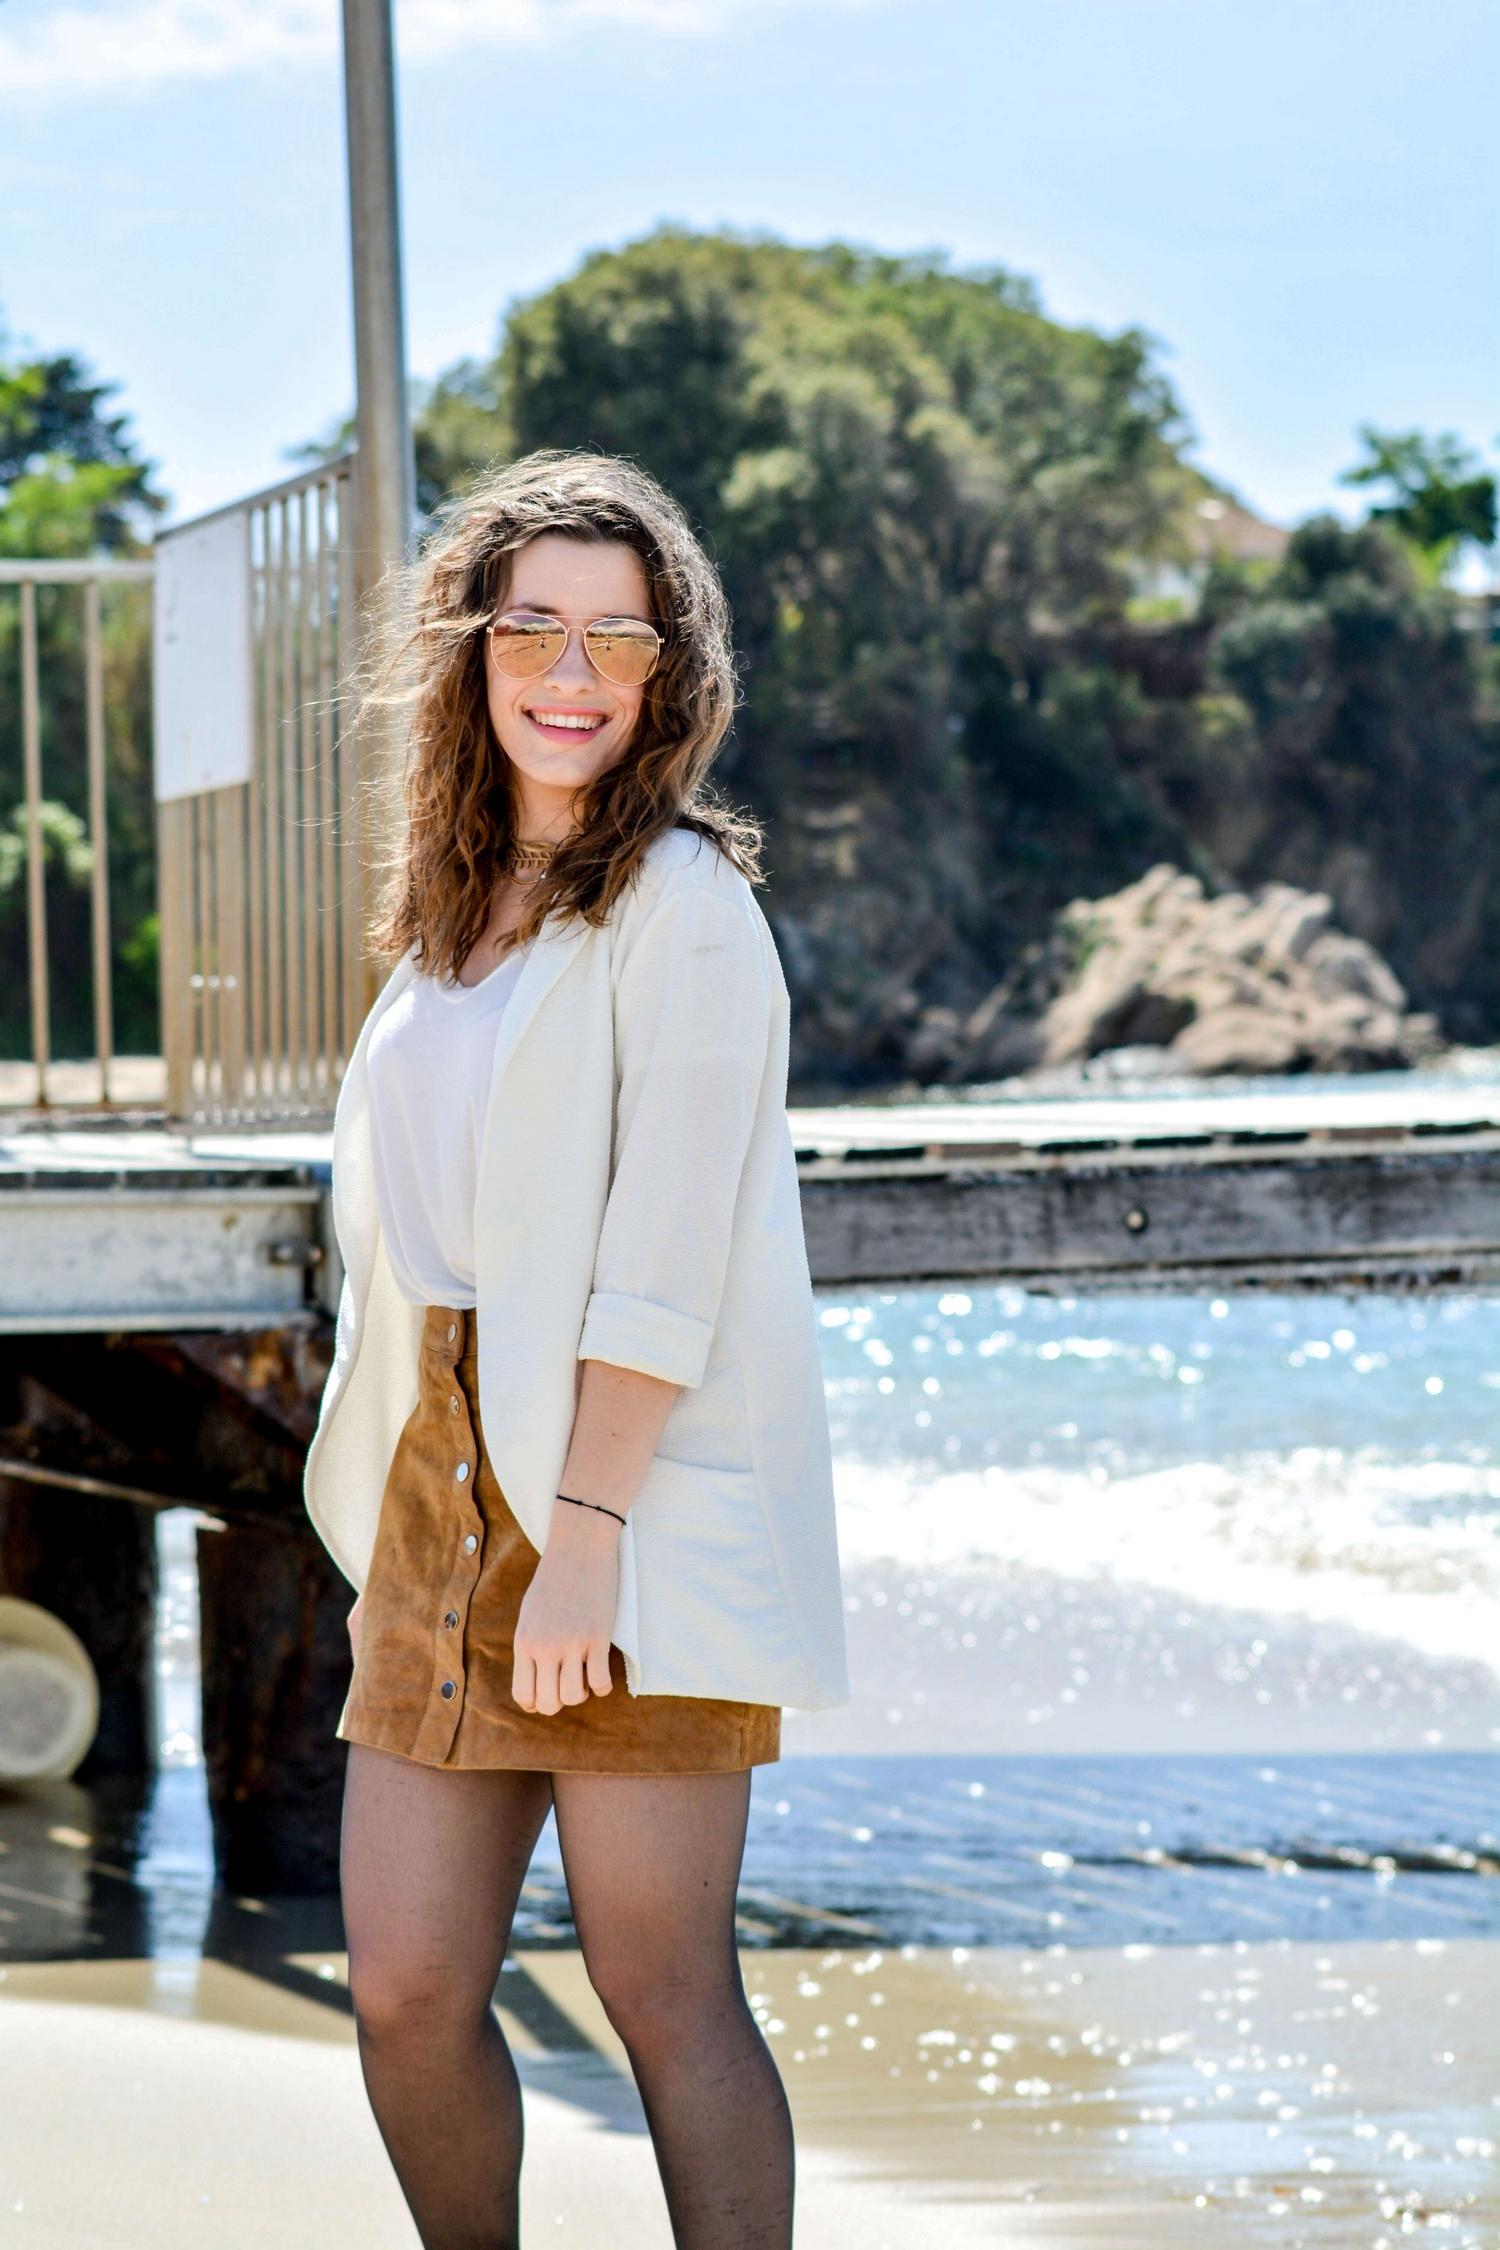 Du blanc et du camel sur la plage de Porticcio, en Corse (Top Brandy Melville - Jupe Pimkie - Boots Camaieu - Choker Claire's - Lunettes de soleil H&m)